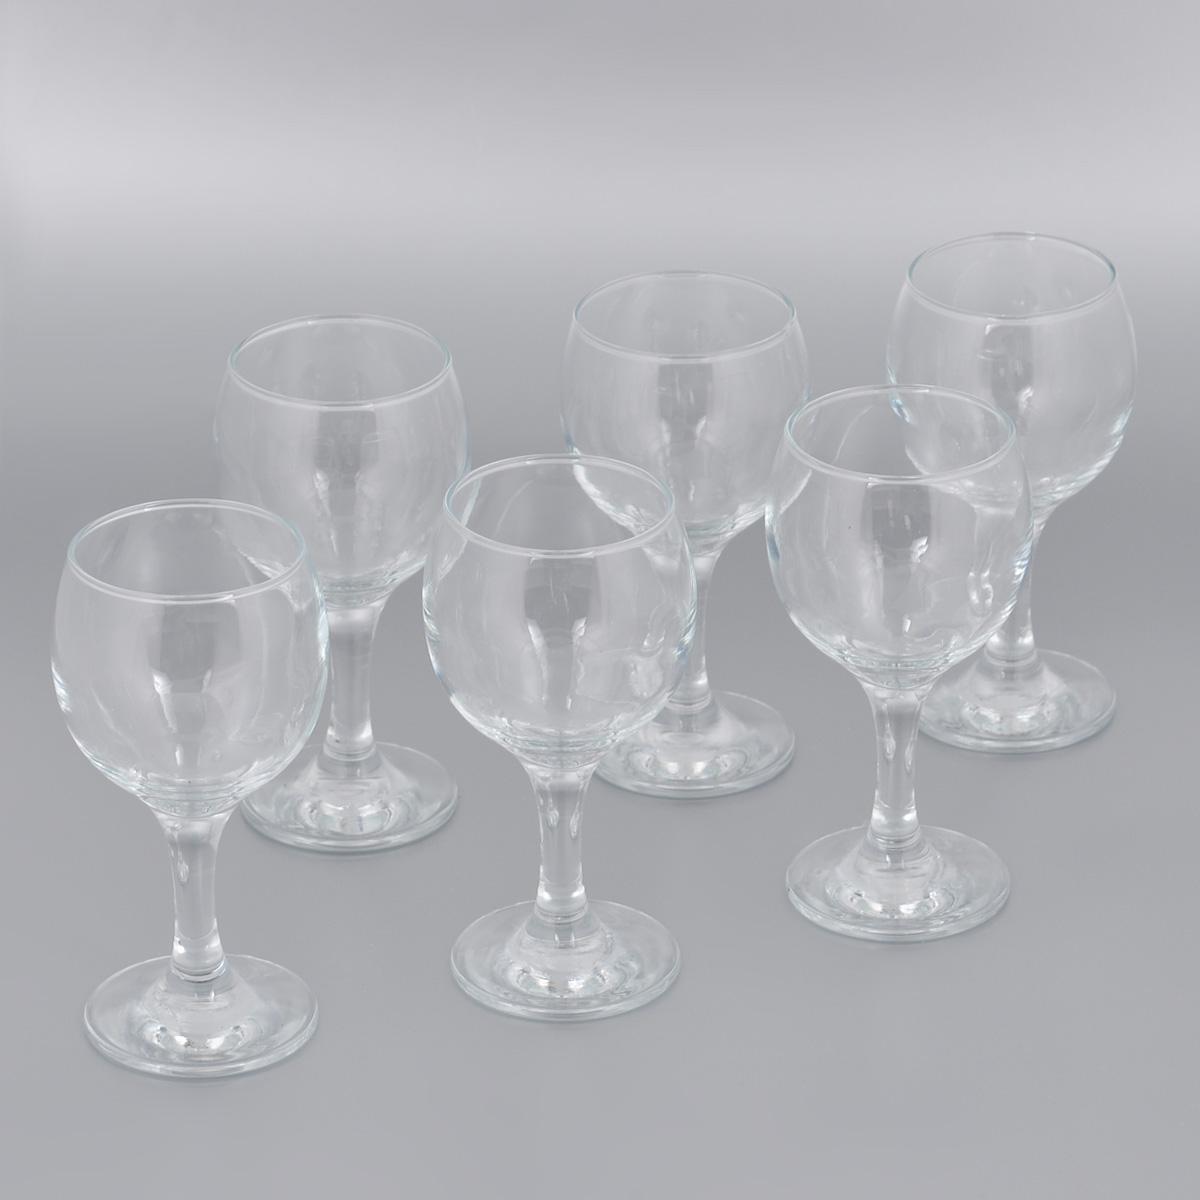 Набор бокалов для красного вина Pasabahce Bistro, 225 мл, 6 шт44412BНабор Pasabahce Bistro состоит из шести бокалов, выполненных из прочного натрий-кальций-силикатного стекла. Бокалы предназначены для подачи красного вина. Они сочетают в себе элегантный дизайн и функциональность. Благодаря такому набору пить напитки будет еще вкуснее.Набор бокалов Pasabahce Bistro прекрасно оформит праздничный стол и создаст приятную атмосферу за романтическим ужином. Такой набор также станет хорошим подарком к любому случаю. Можно мыть в посудомоечной машине и использовать в микроволновой печи.Диаметр бокала (по верхнему краю): 6 см. Высота бокала: 15 см.